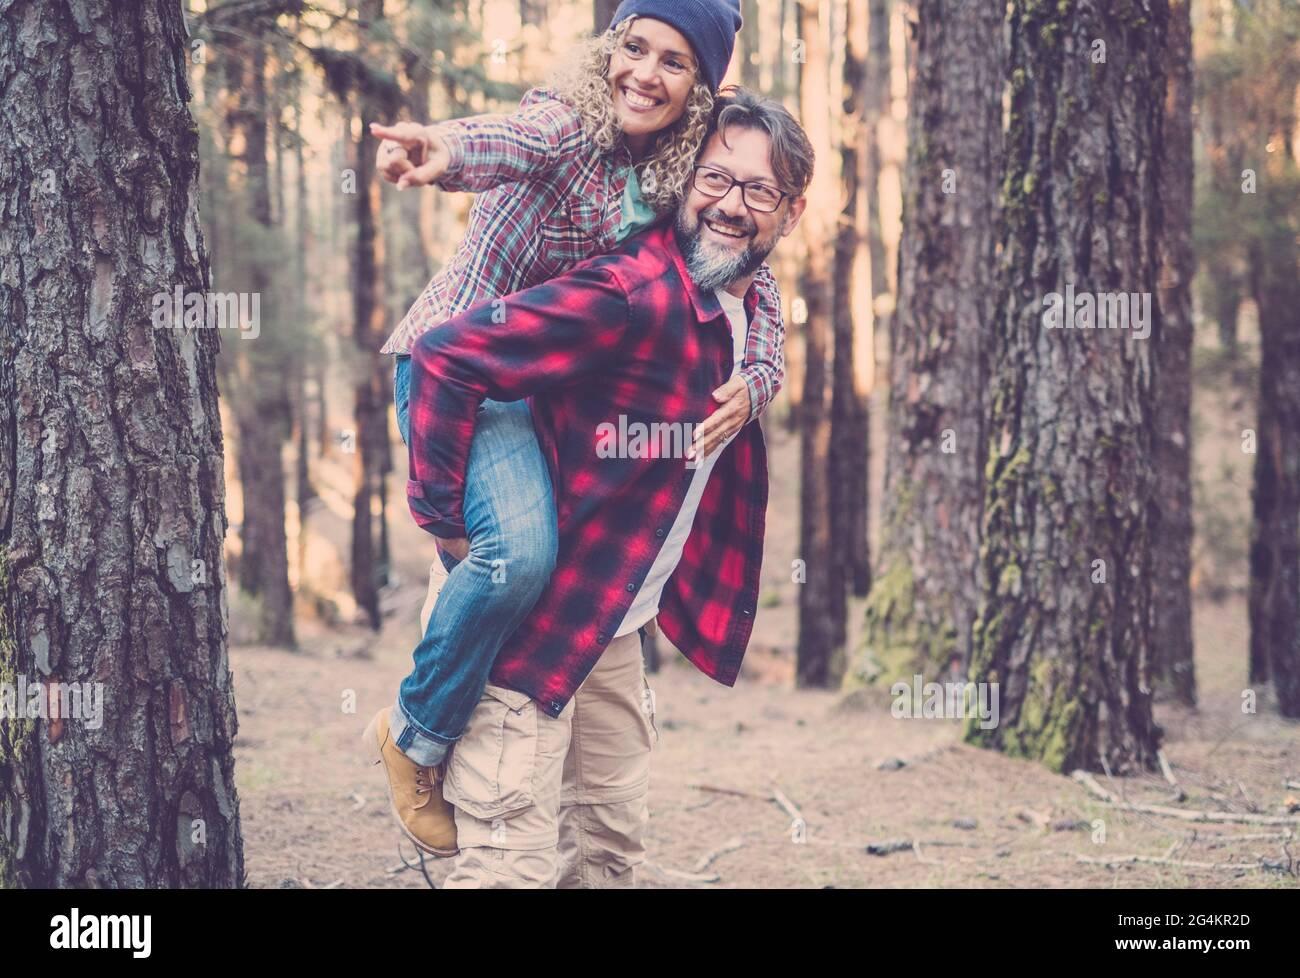 Joyeux et amusant couple caucasien ayant le piggyback tout en marchant sur le sentier dans les bois. Concept d'aventure dans la nature - jeune homme et femme adulte enjo Banque D'Images